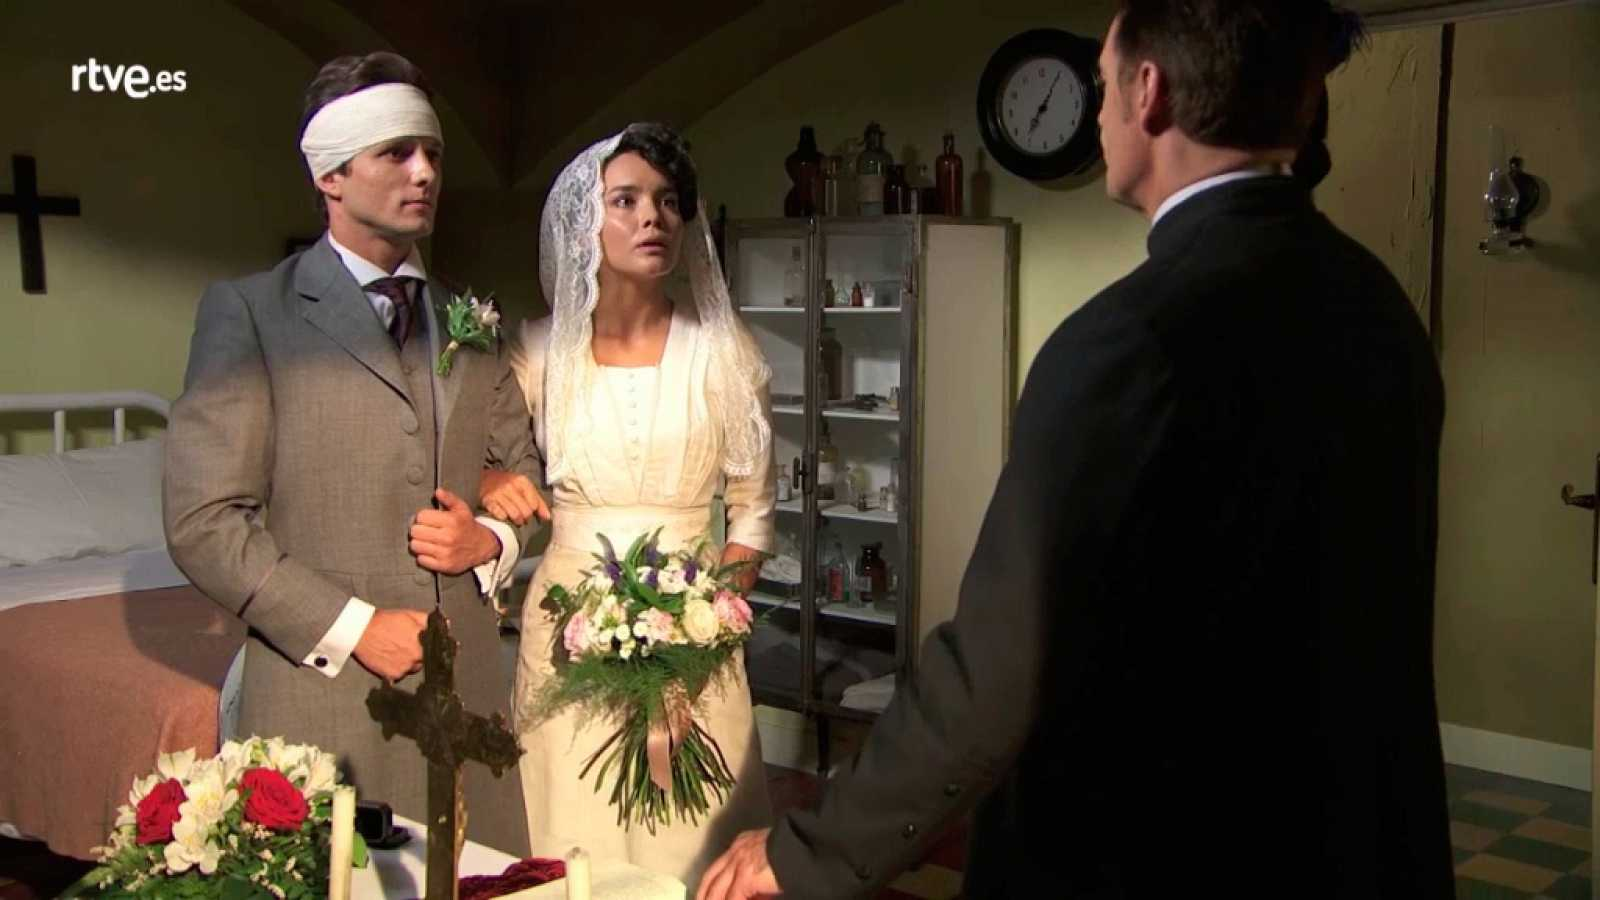 Le nozze di Blanca e Samuel / Una Vita